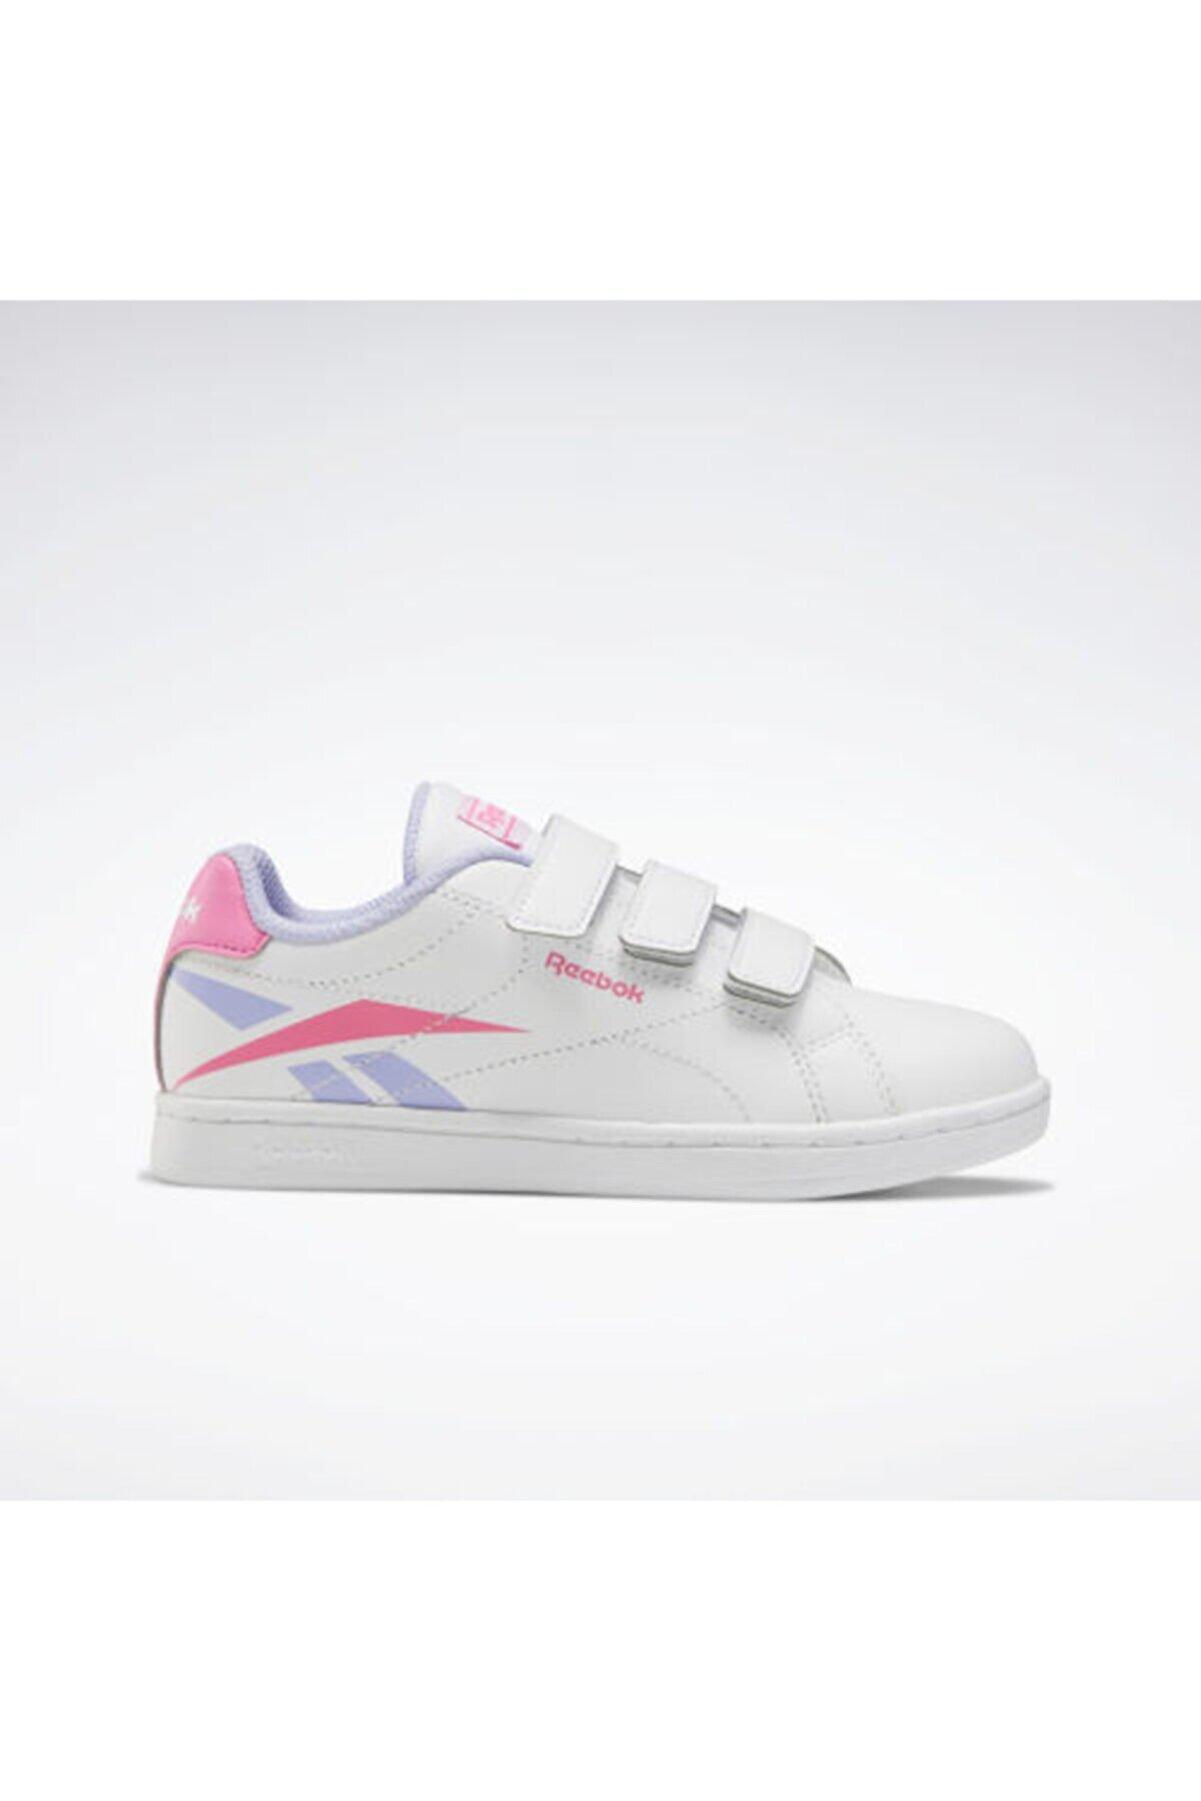 Reebok RBK ROYAL COMPLETE Beyaz Kız Çocuk Sneaker Ayakkabı 100664021